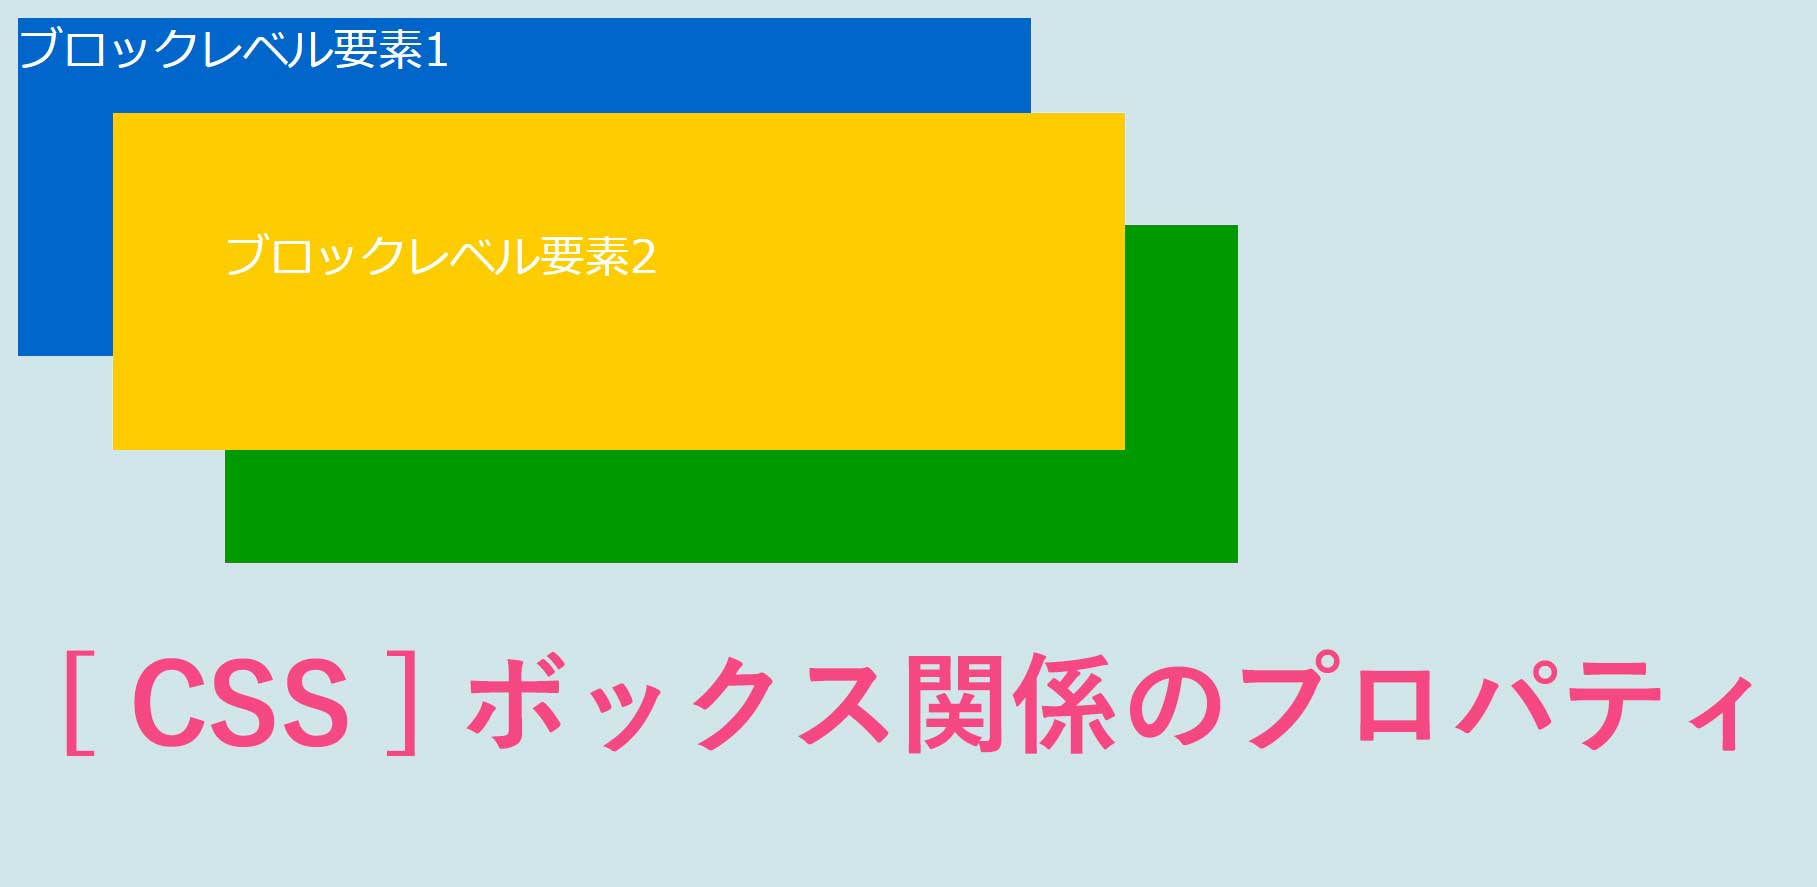 [-CSS-]-ボックス関係のプロパティ